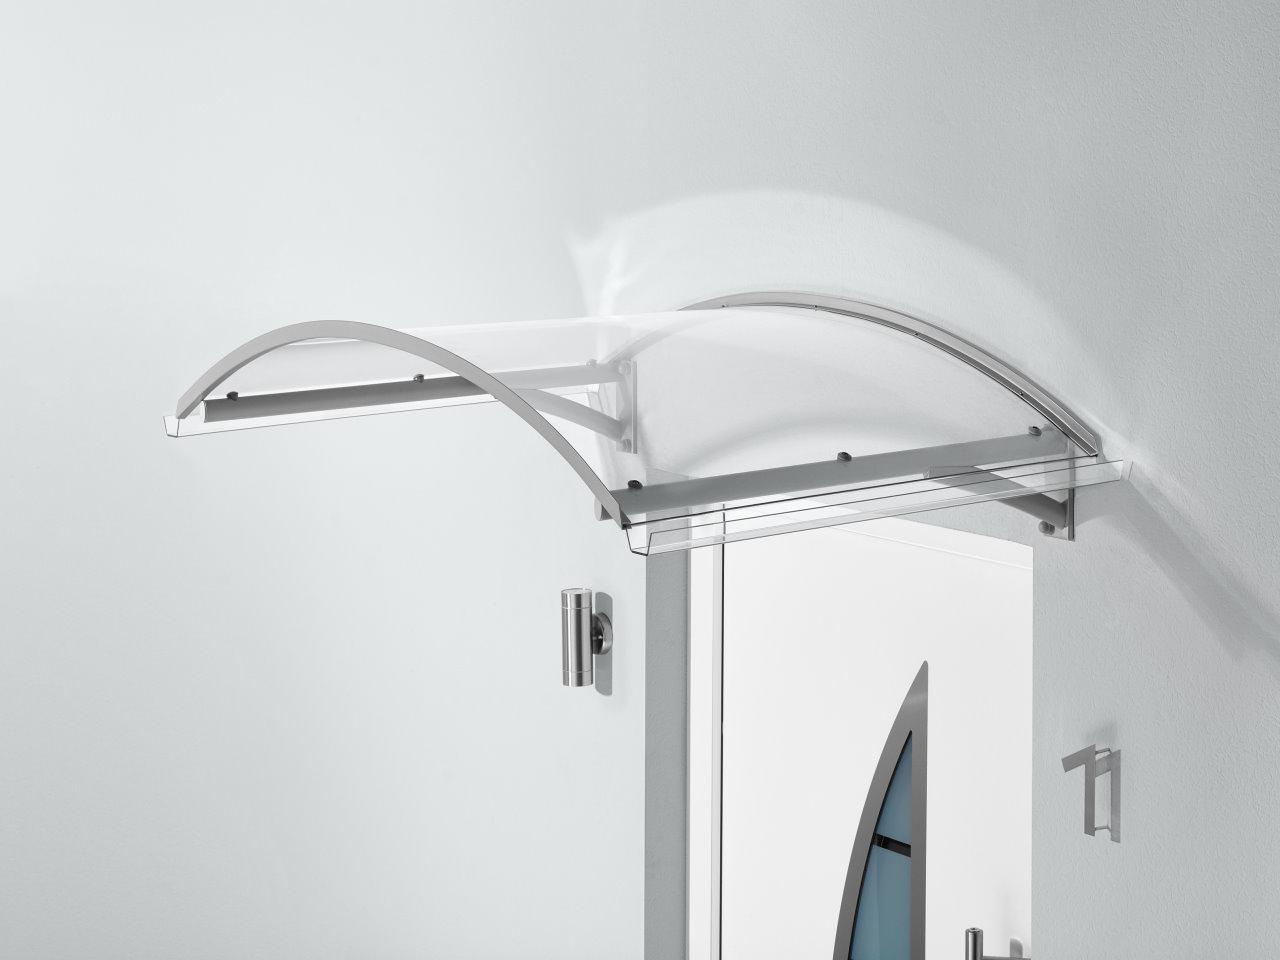 bogenvordach bv secco vord cher vord cher acrylshop24 stegplatten mehr. Black Bedroom Furniture Sets. Home Design Ideas